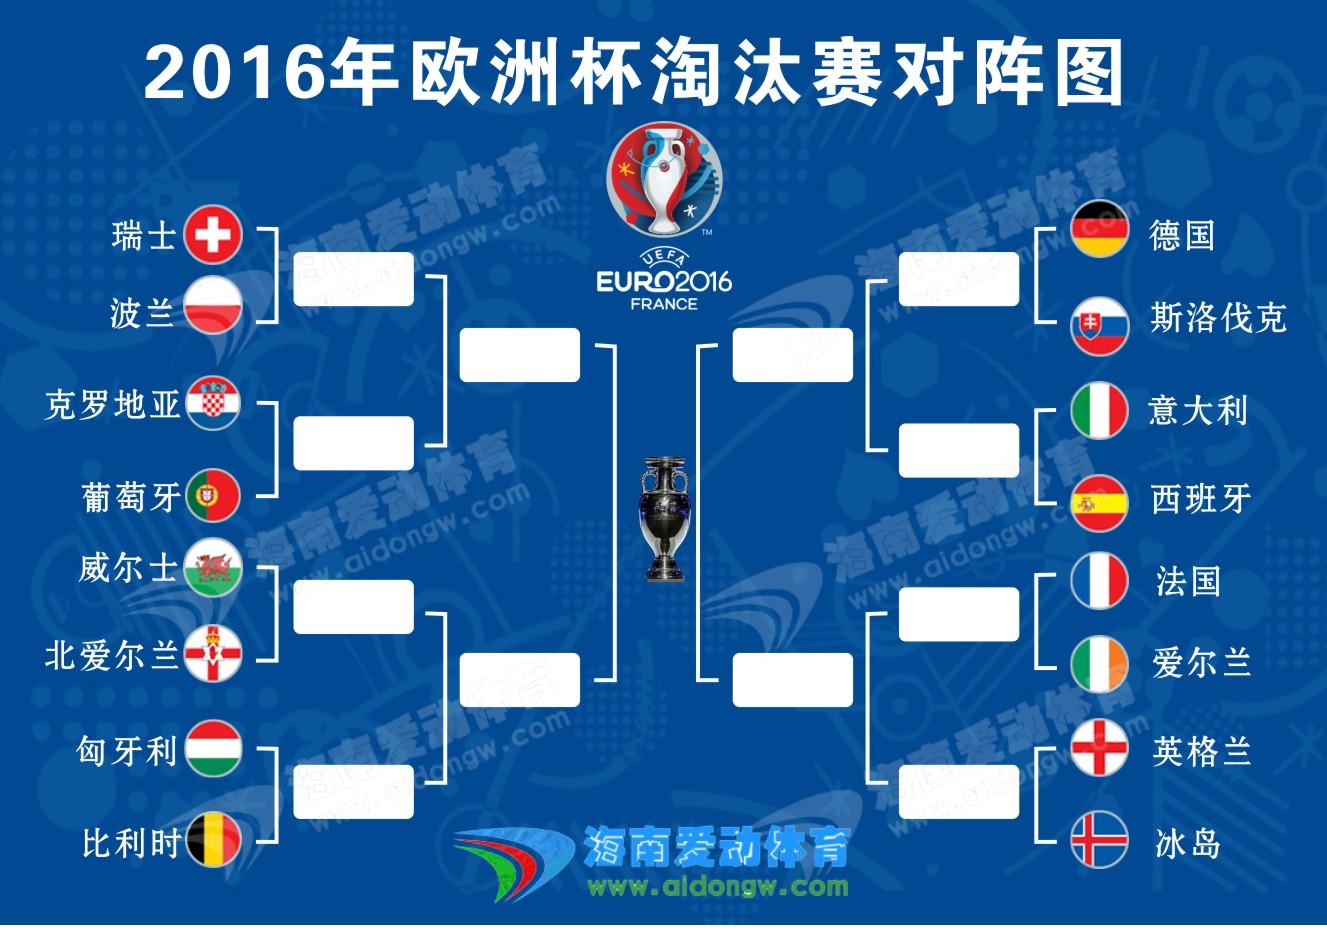 【欧洲杯】16强淘汰赛对阵一览表 你最看好哪个队夺冠